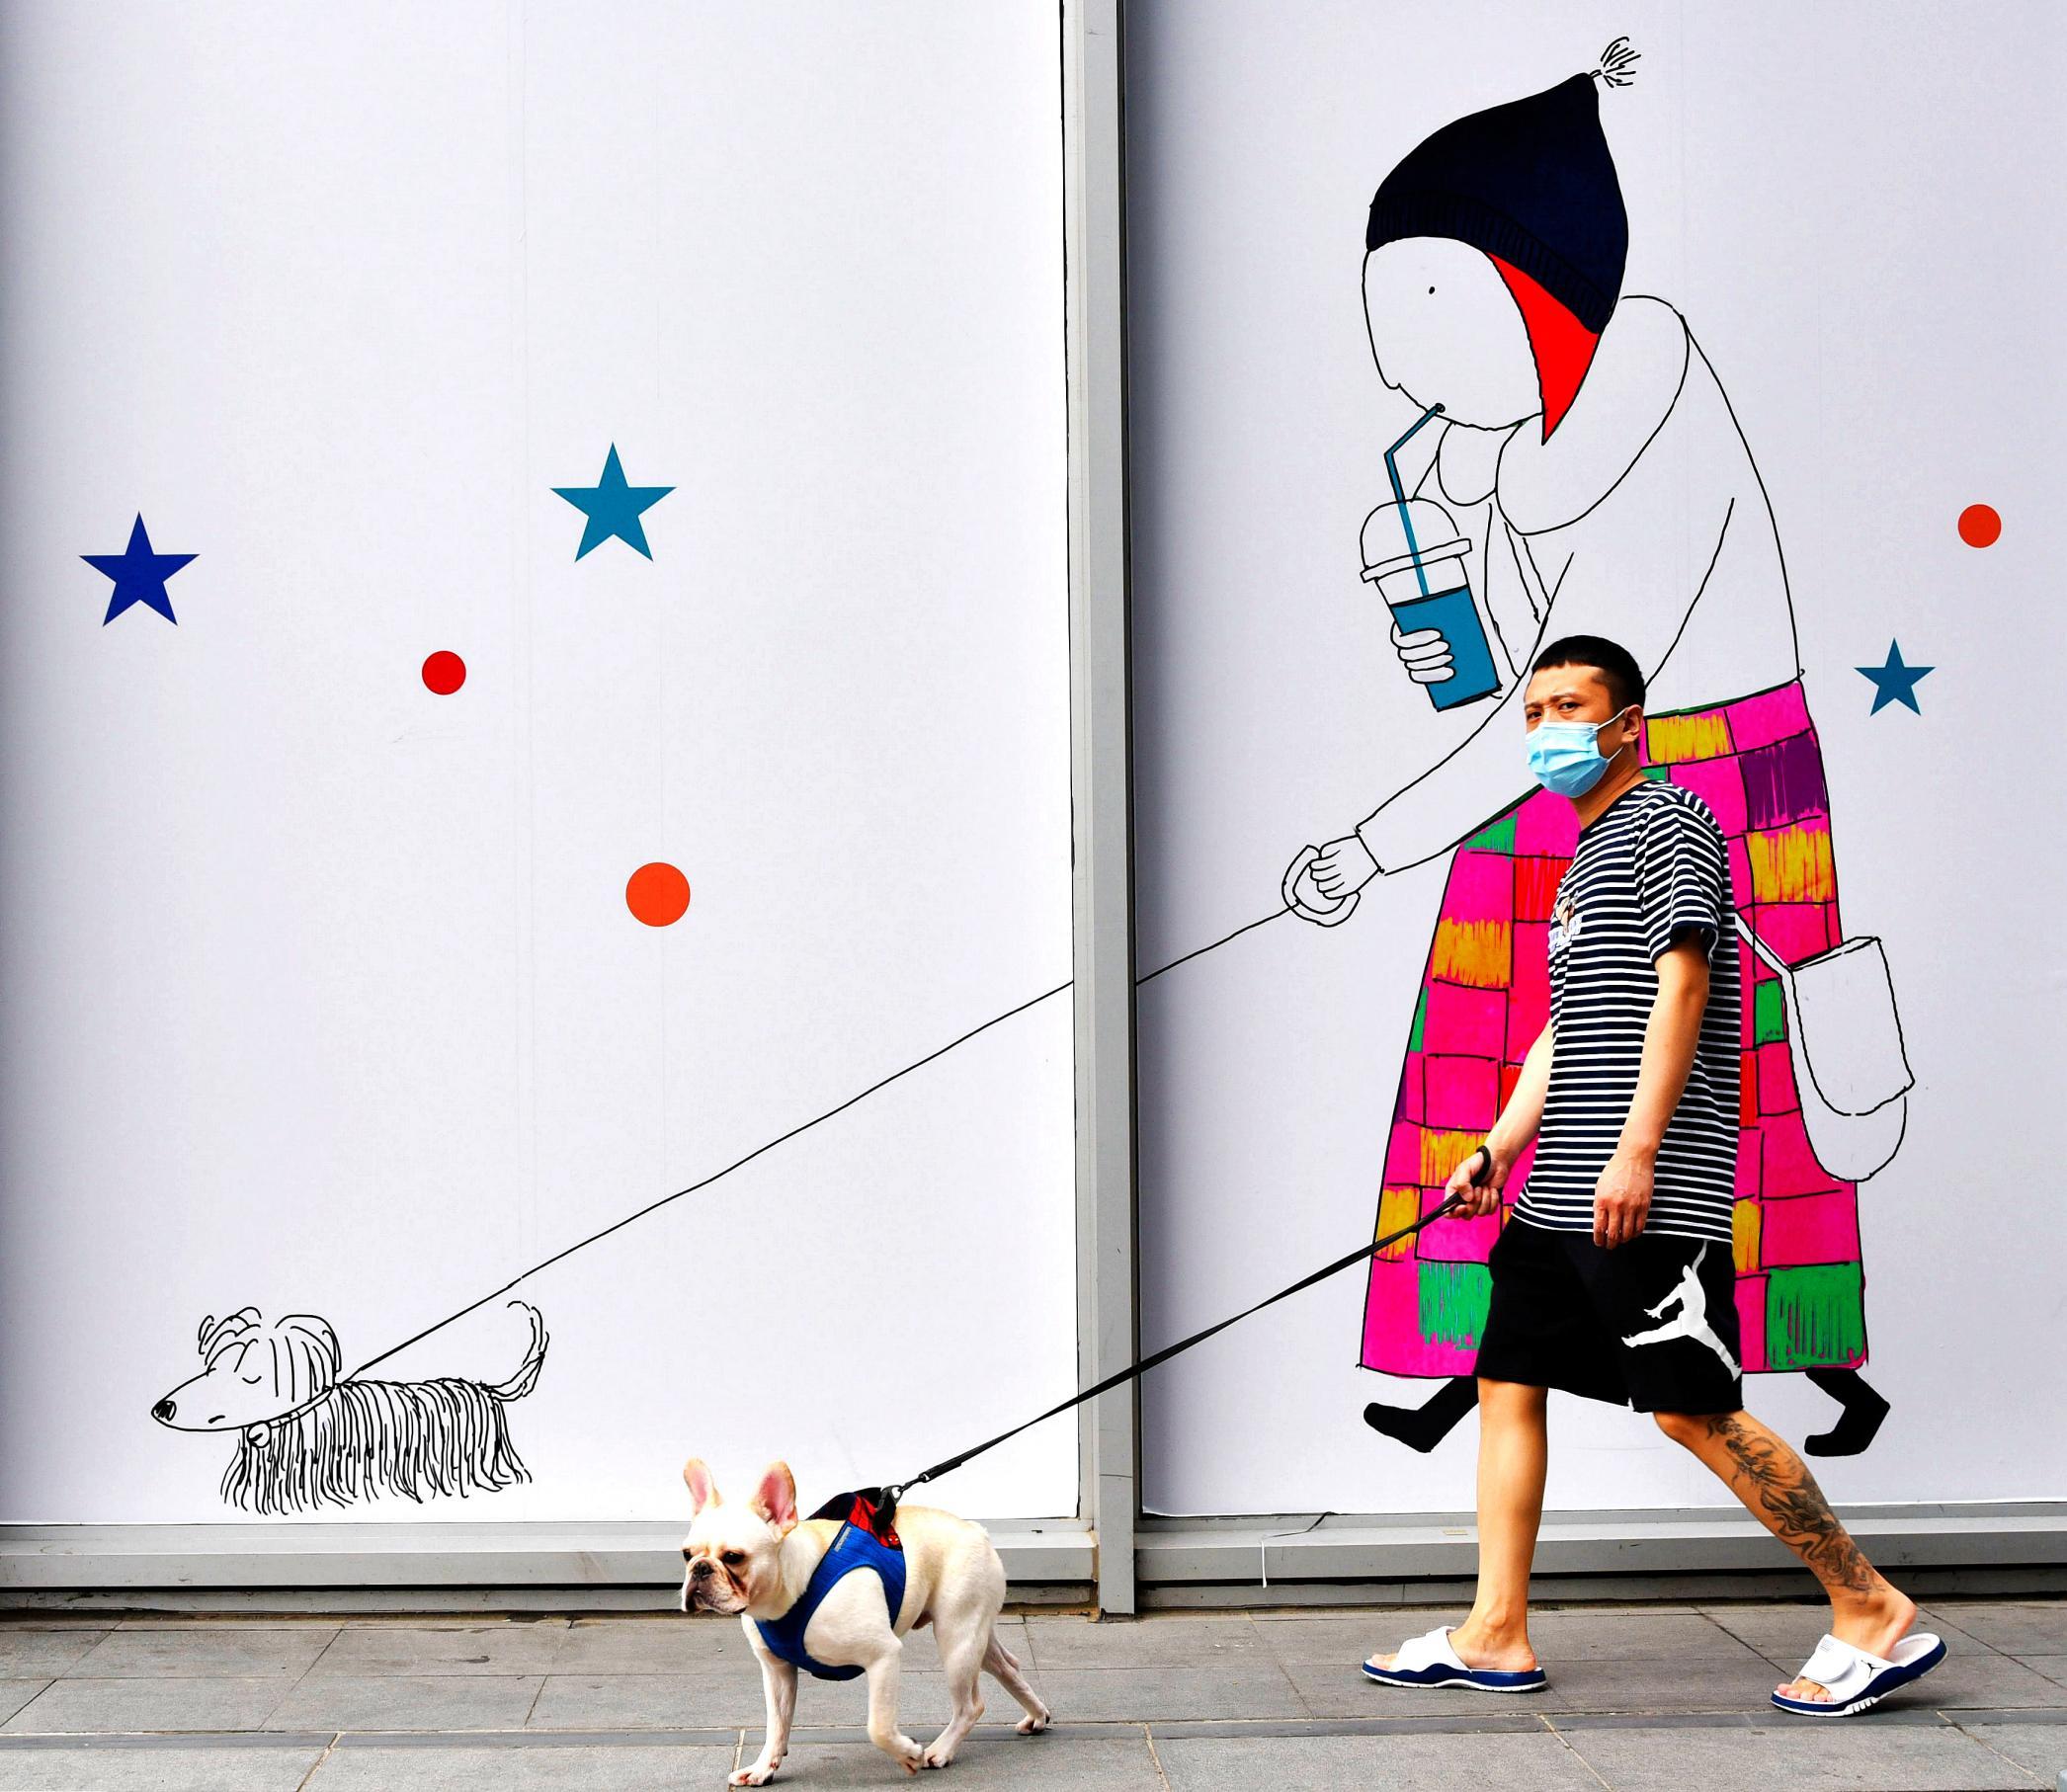 hk_c_1、楊軍  北京市朝陽區三里屯,一遛狗的男子走在街上,與傍邊建築圍擋牆上的遛狗卡通畫構成巧合,看上去十分有趣。攝於2020年2020年7月11日.jpg